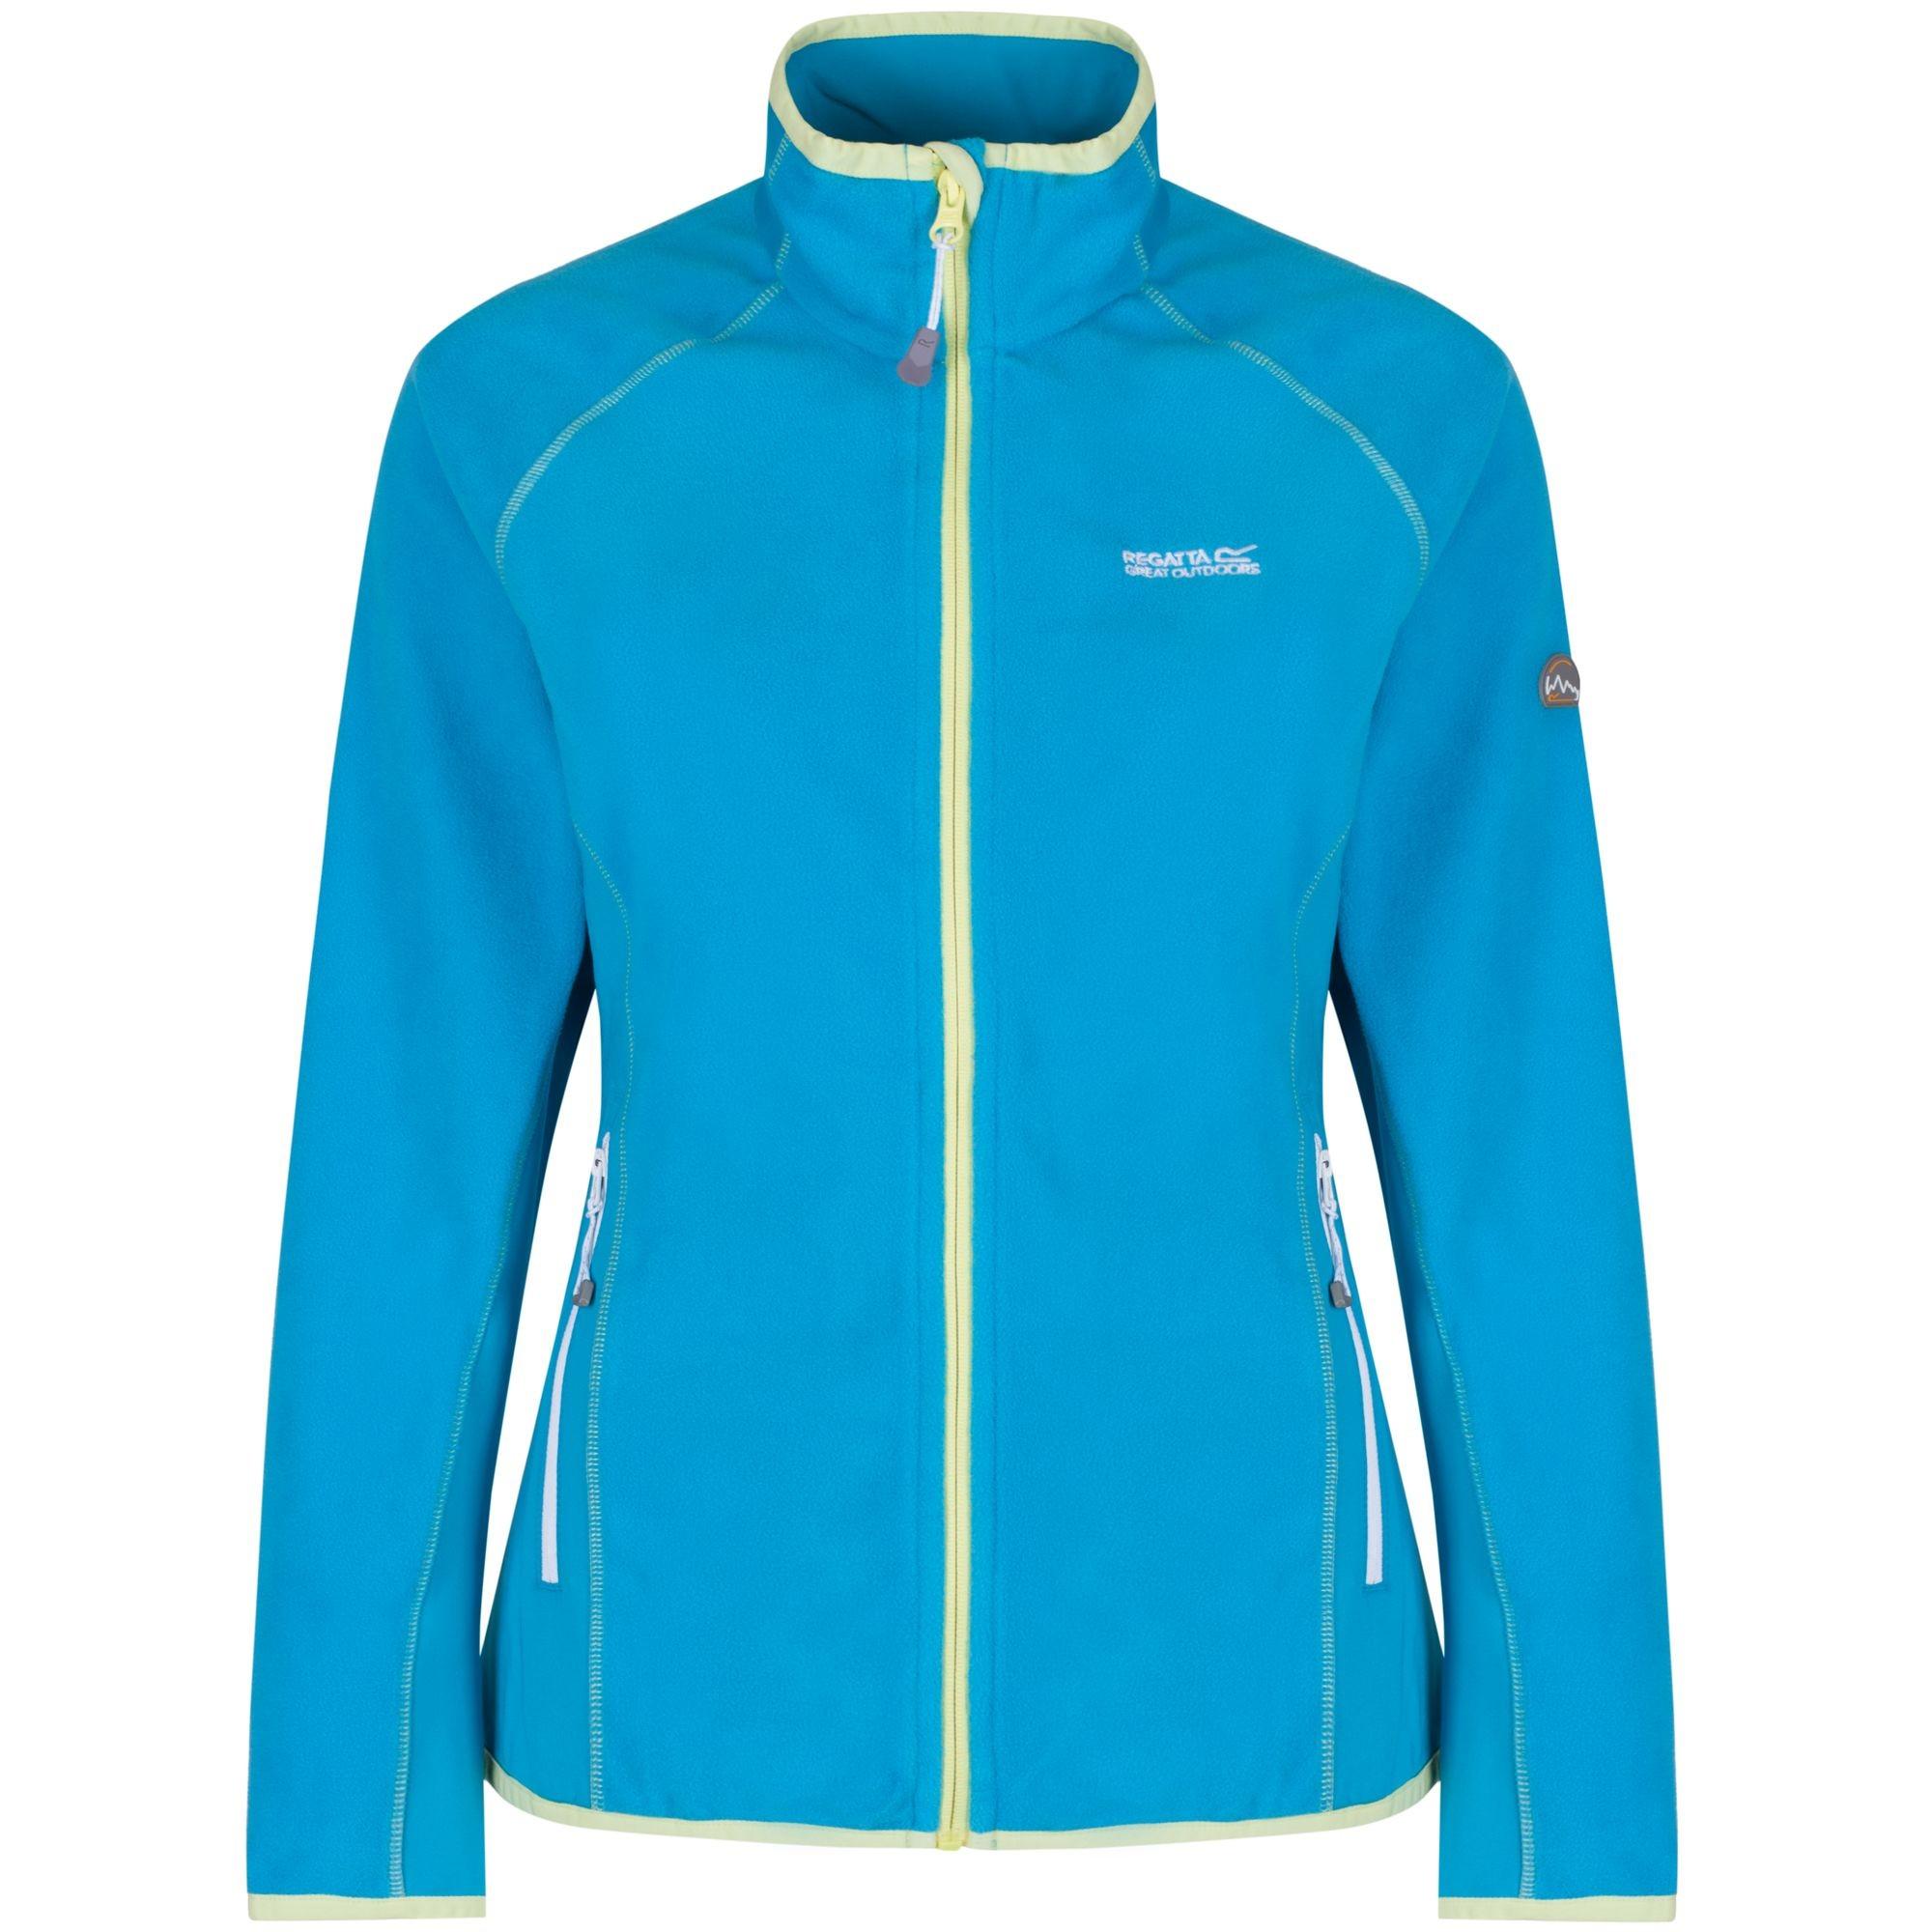 Regatta Great Outdoors Womens/Ladies Jomor Zip Up Fleece Jacket | eBay